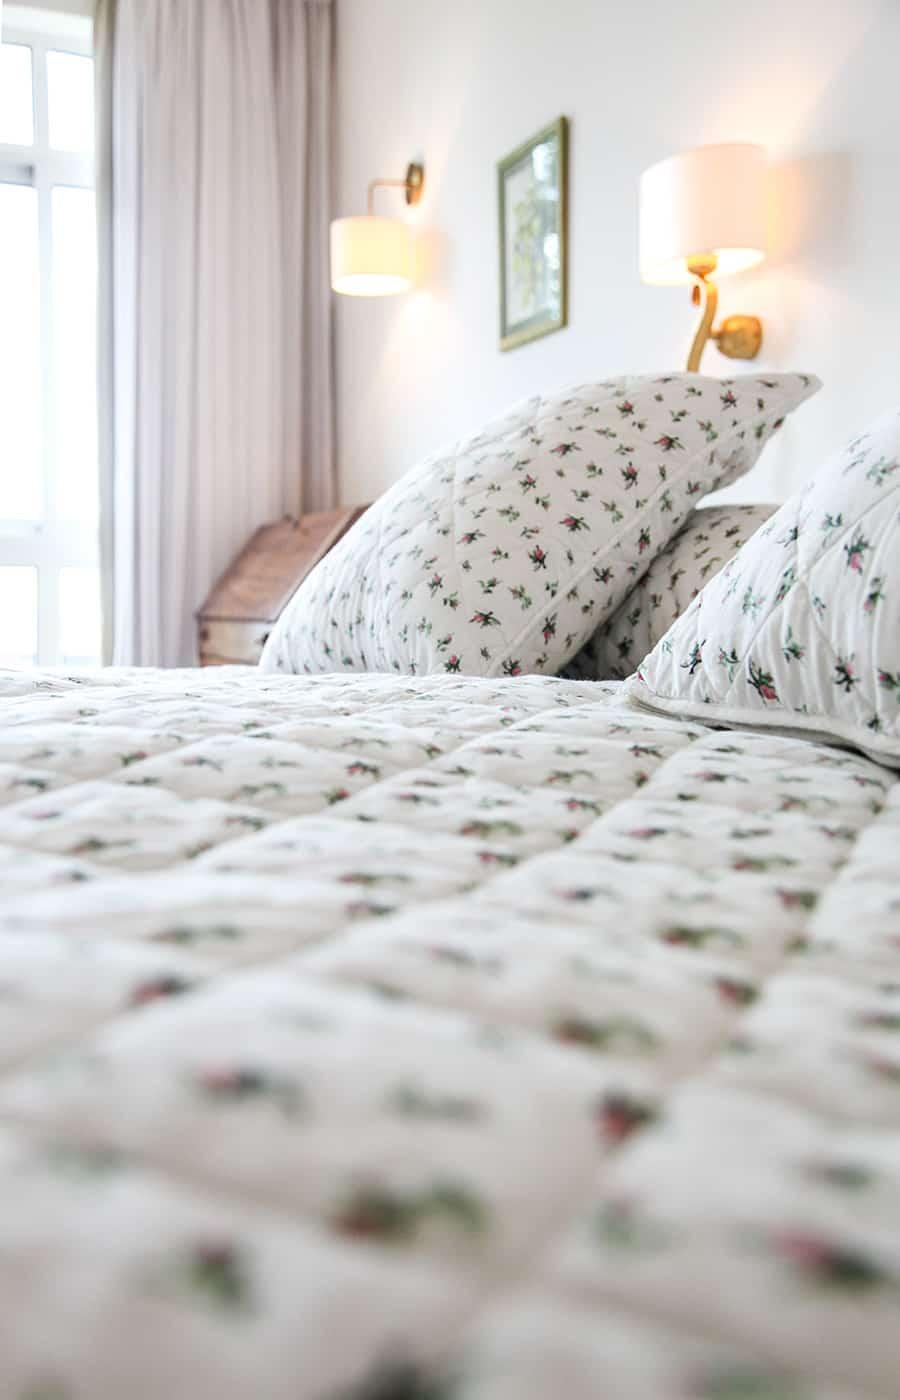 Poelster decke schlafzimmer madeira - Schlafzimmer decke ...